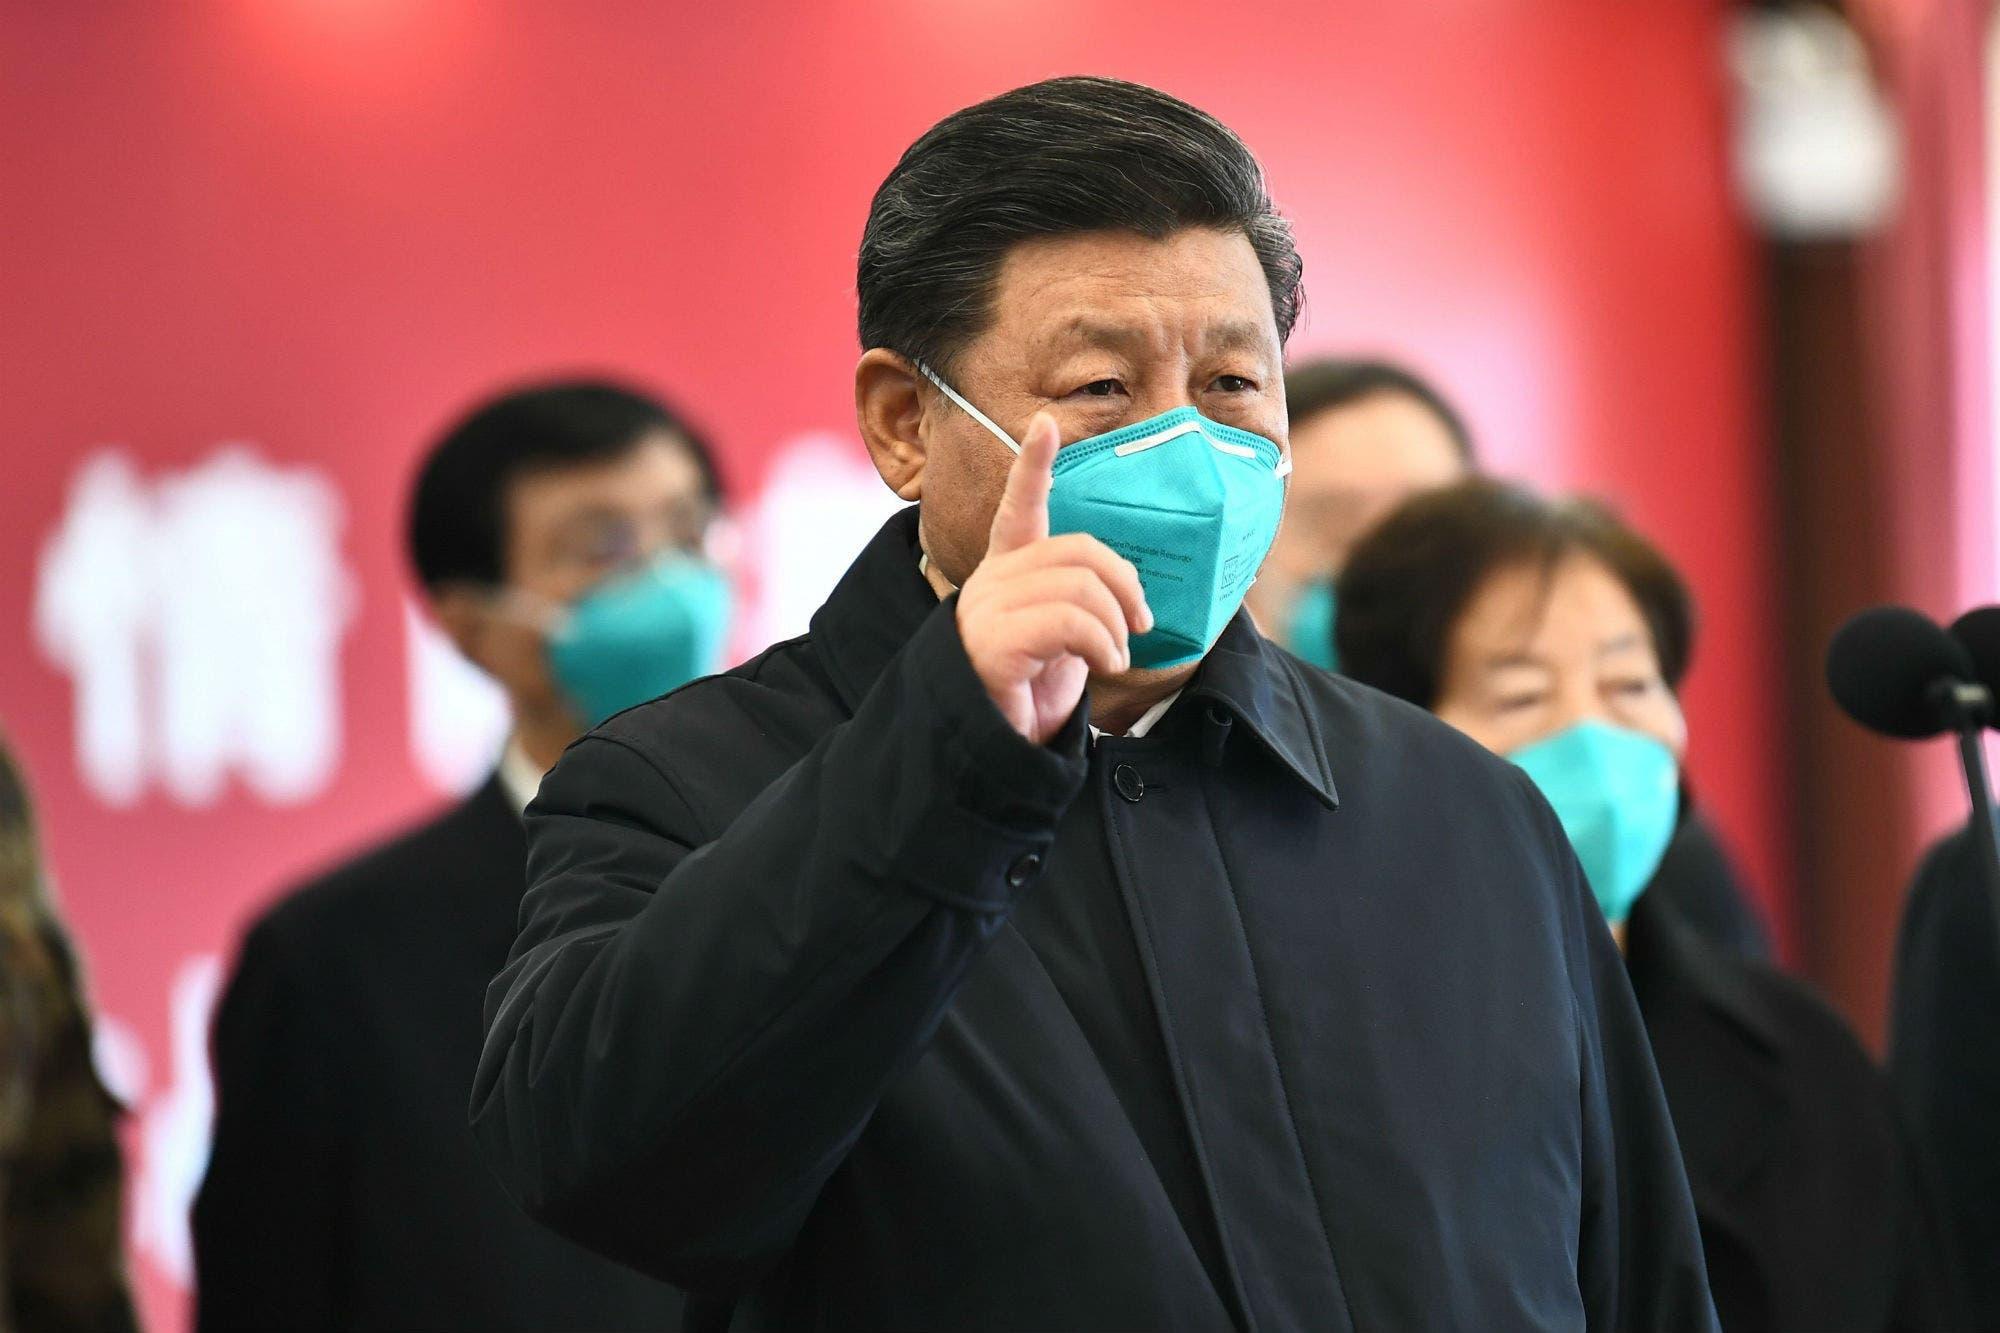 """Coronavirus. China presentó un informe sobre la respuesta a la pandemia: """"Se trabajó de forma oportuna y transparente"""""""